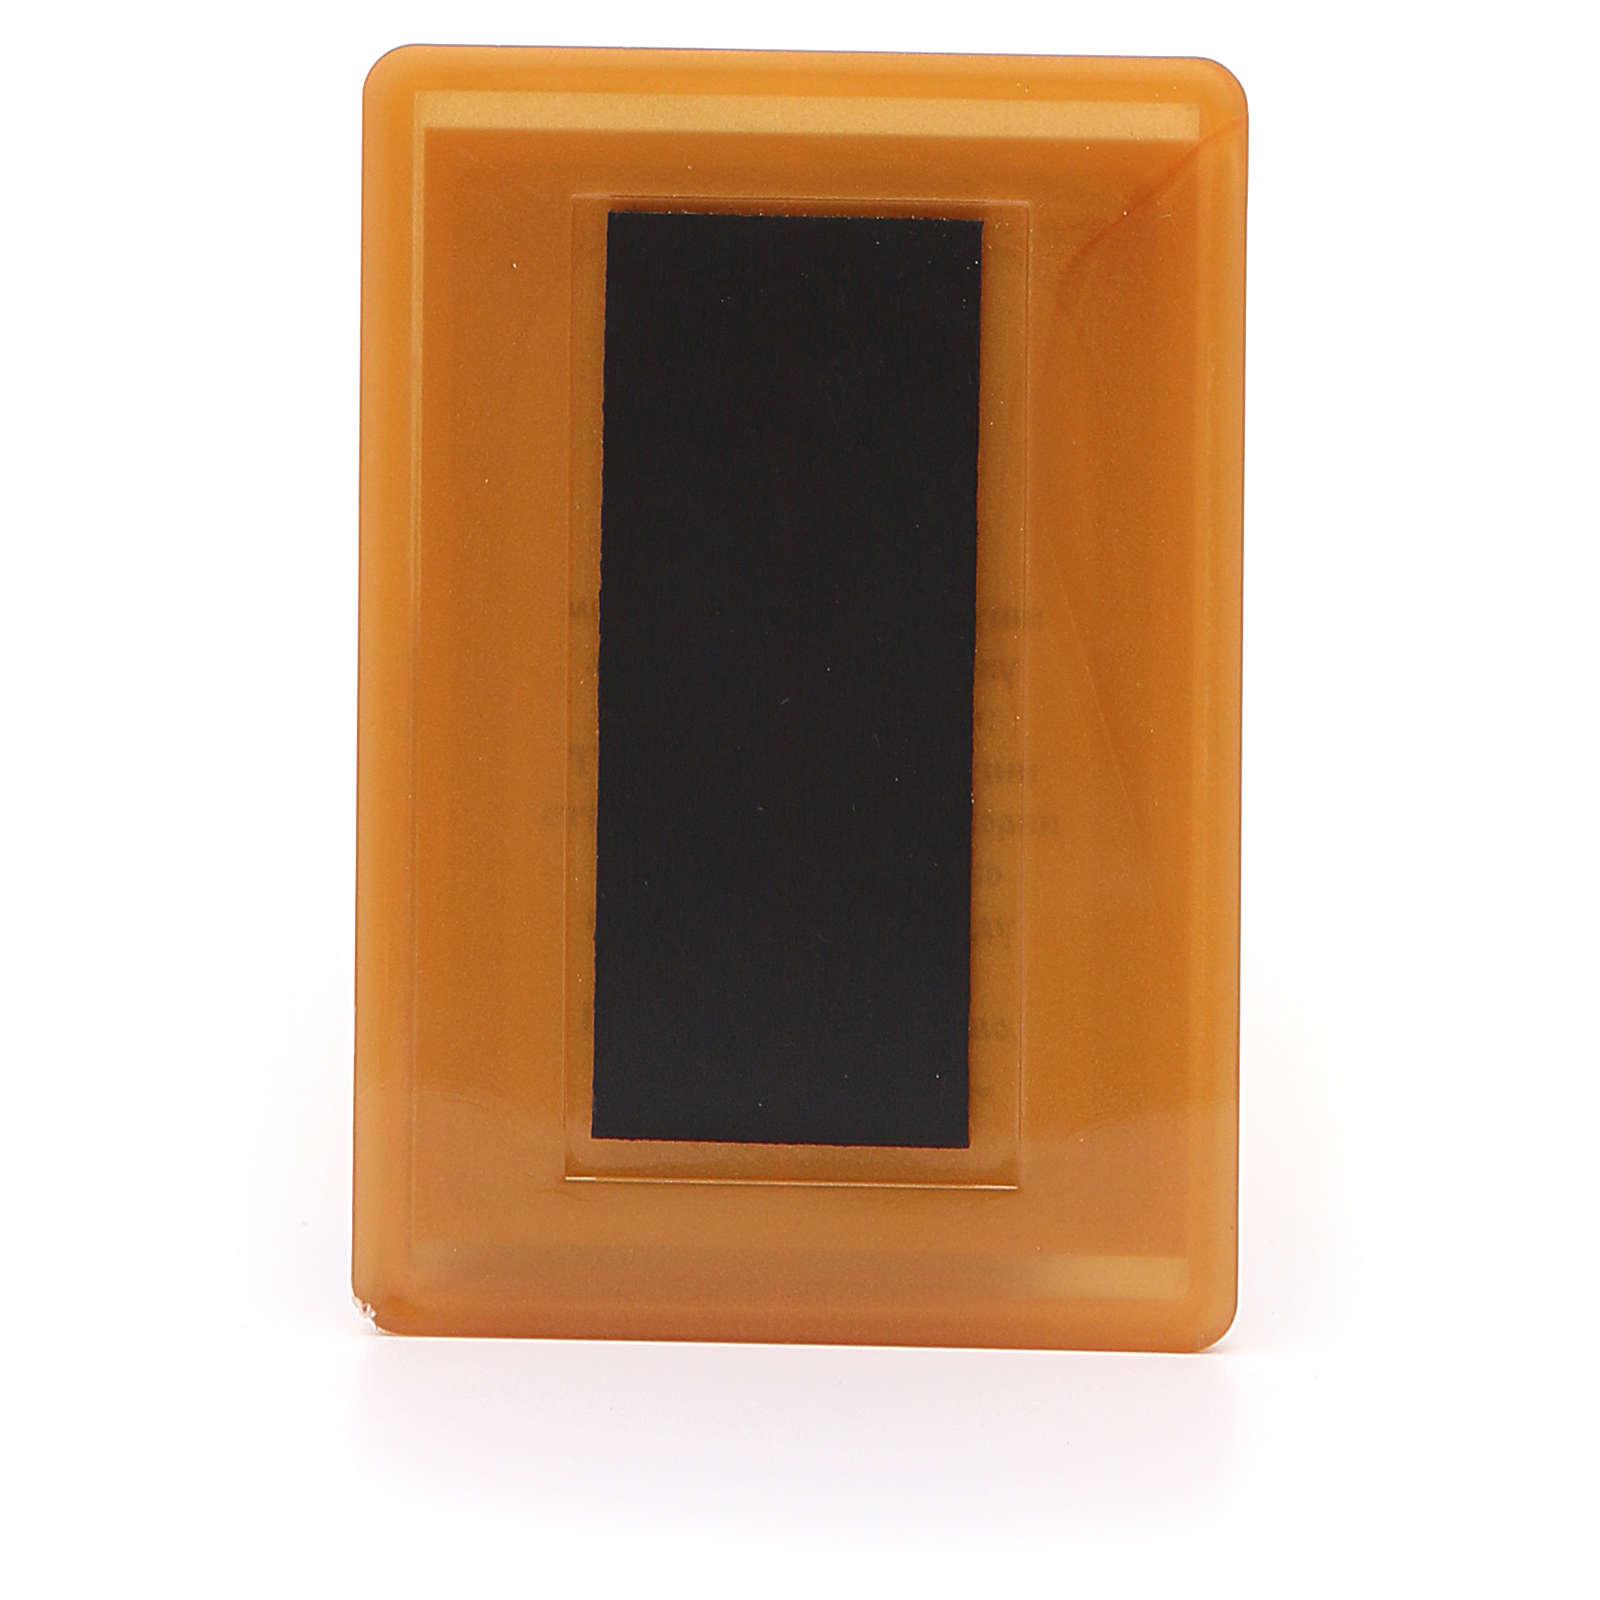 Magnete Russia plexiglass Placa la mia tristezza 10x7 3